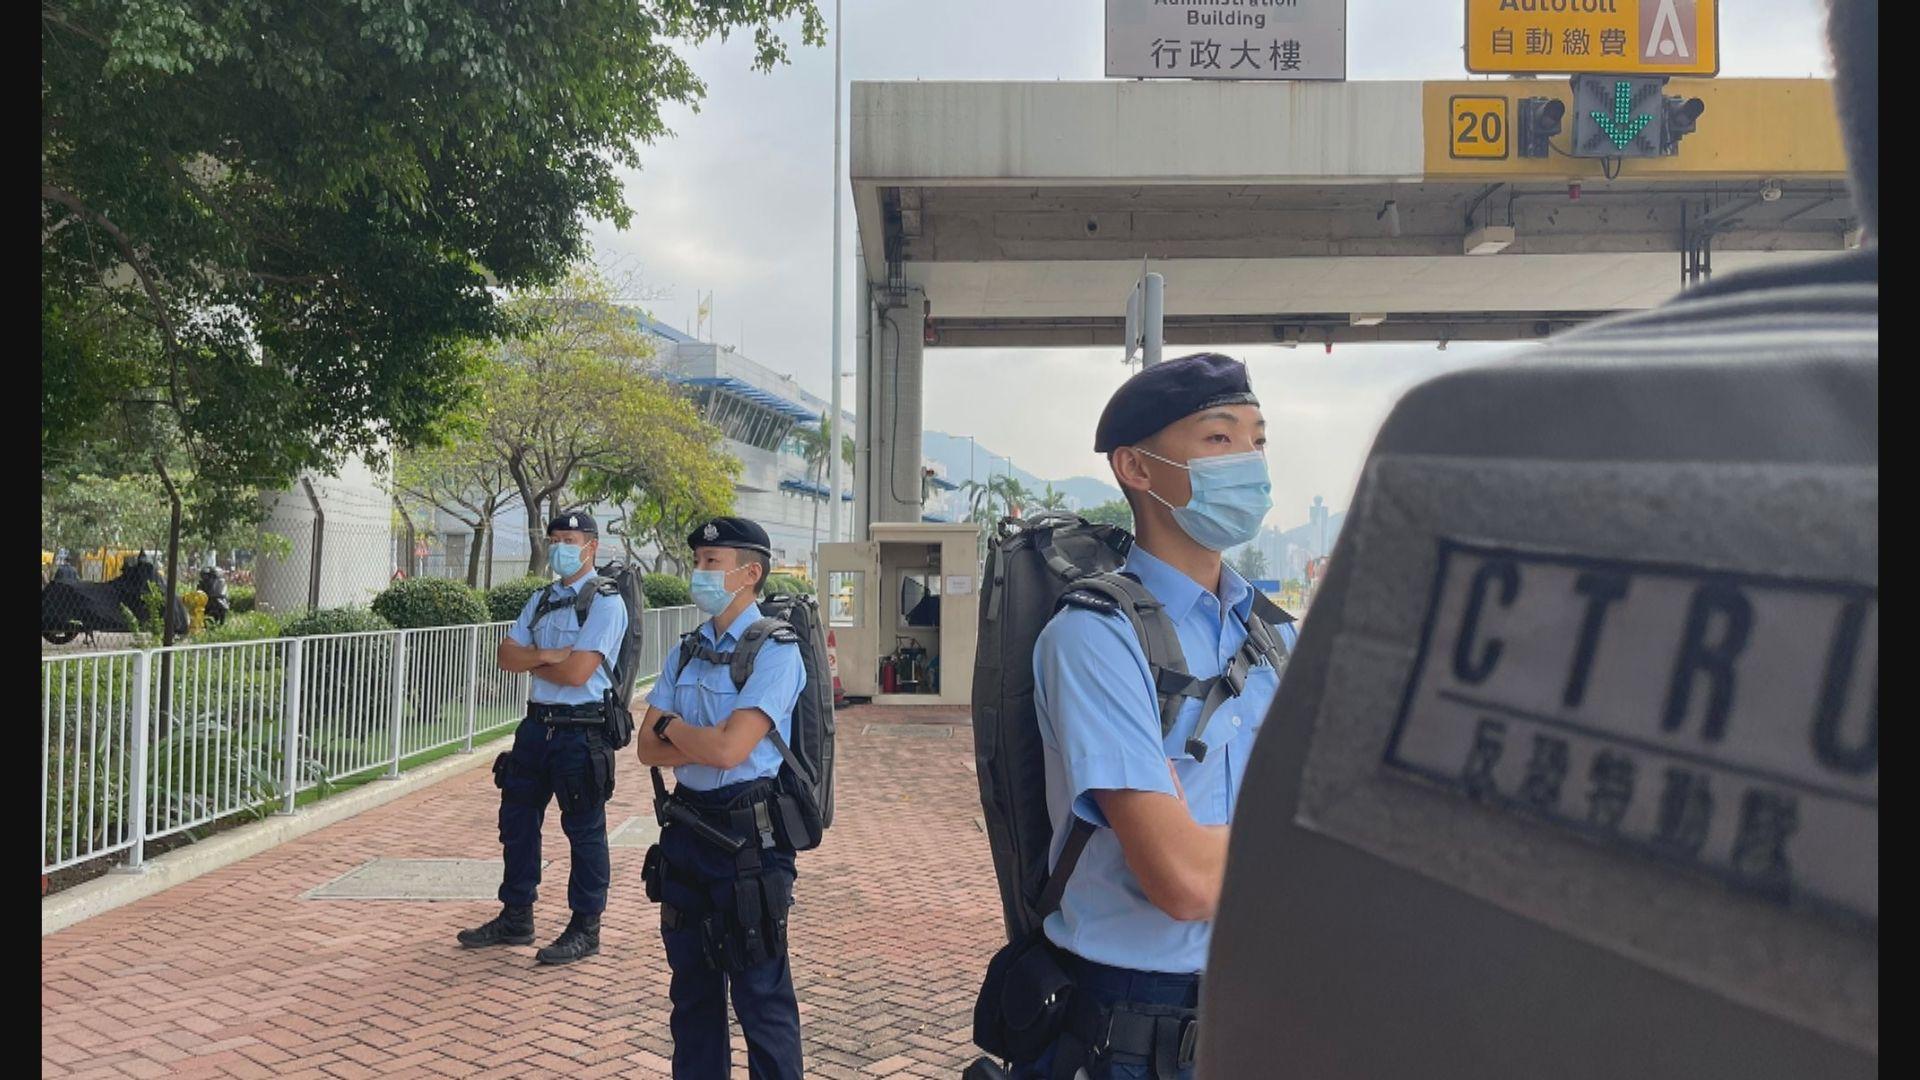 警方稱馬拉松當天有違法情況或在現場取證及跟進